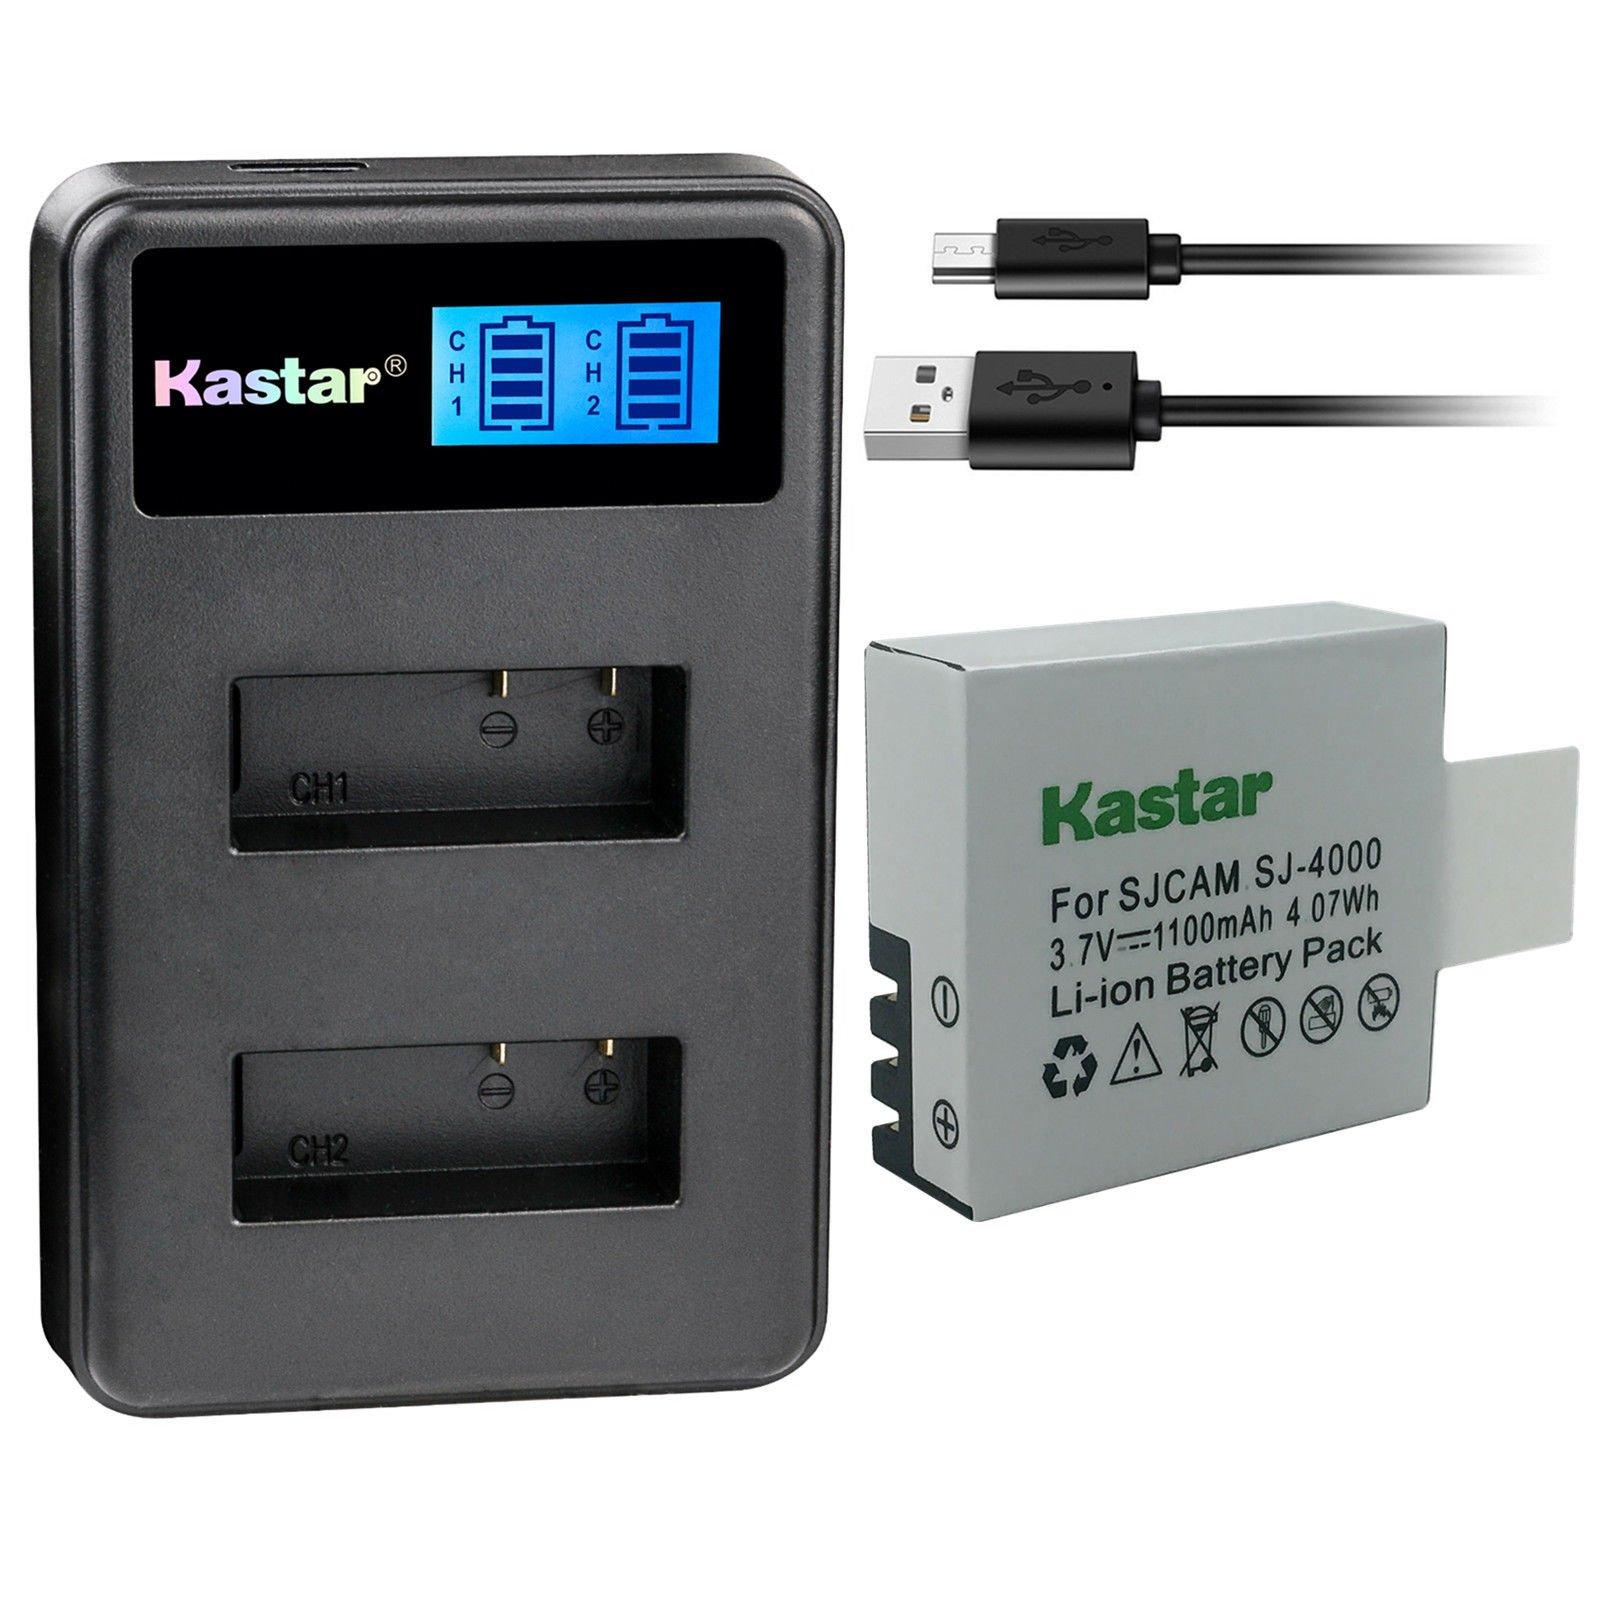 Kastar Battery 1 Pack and LCD Dual Charger for Eken PG1050 & Eken H8 Eken H8 Pro H8R Eken H9 Eken H9R Eko Full HD 1080p Wifi Eko HD 720p Eko Ultra HD 4K Wifi Evolveo MiniDVR DV Evolveo Sportcam A8